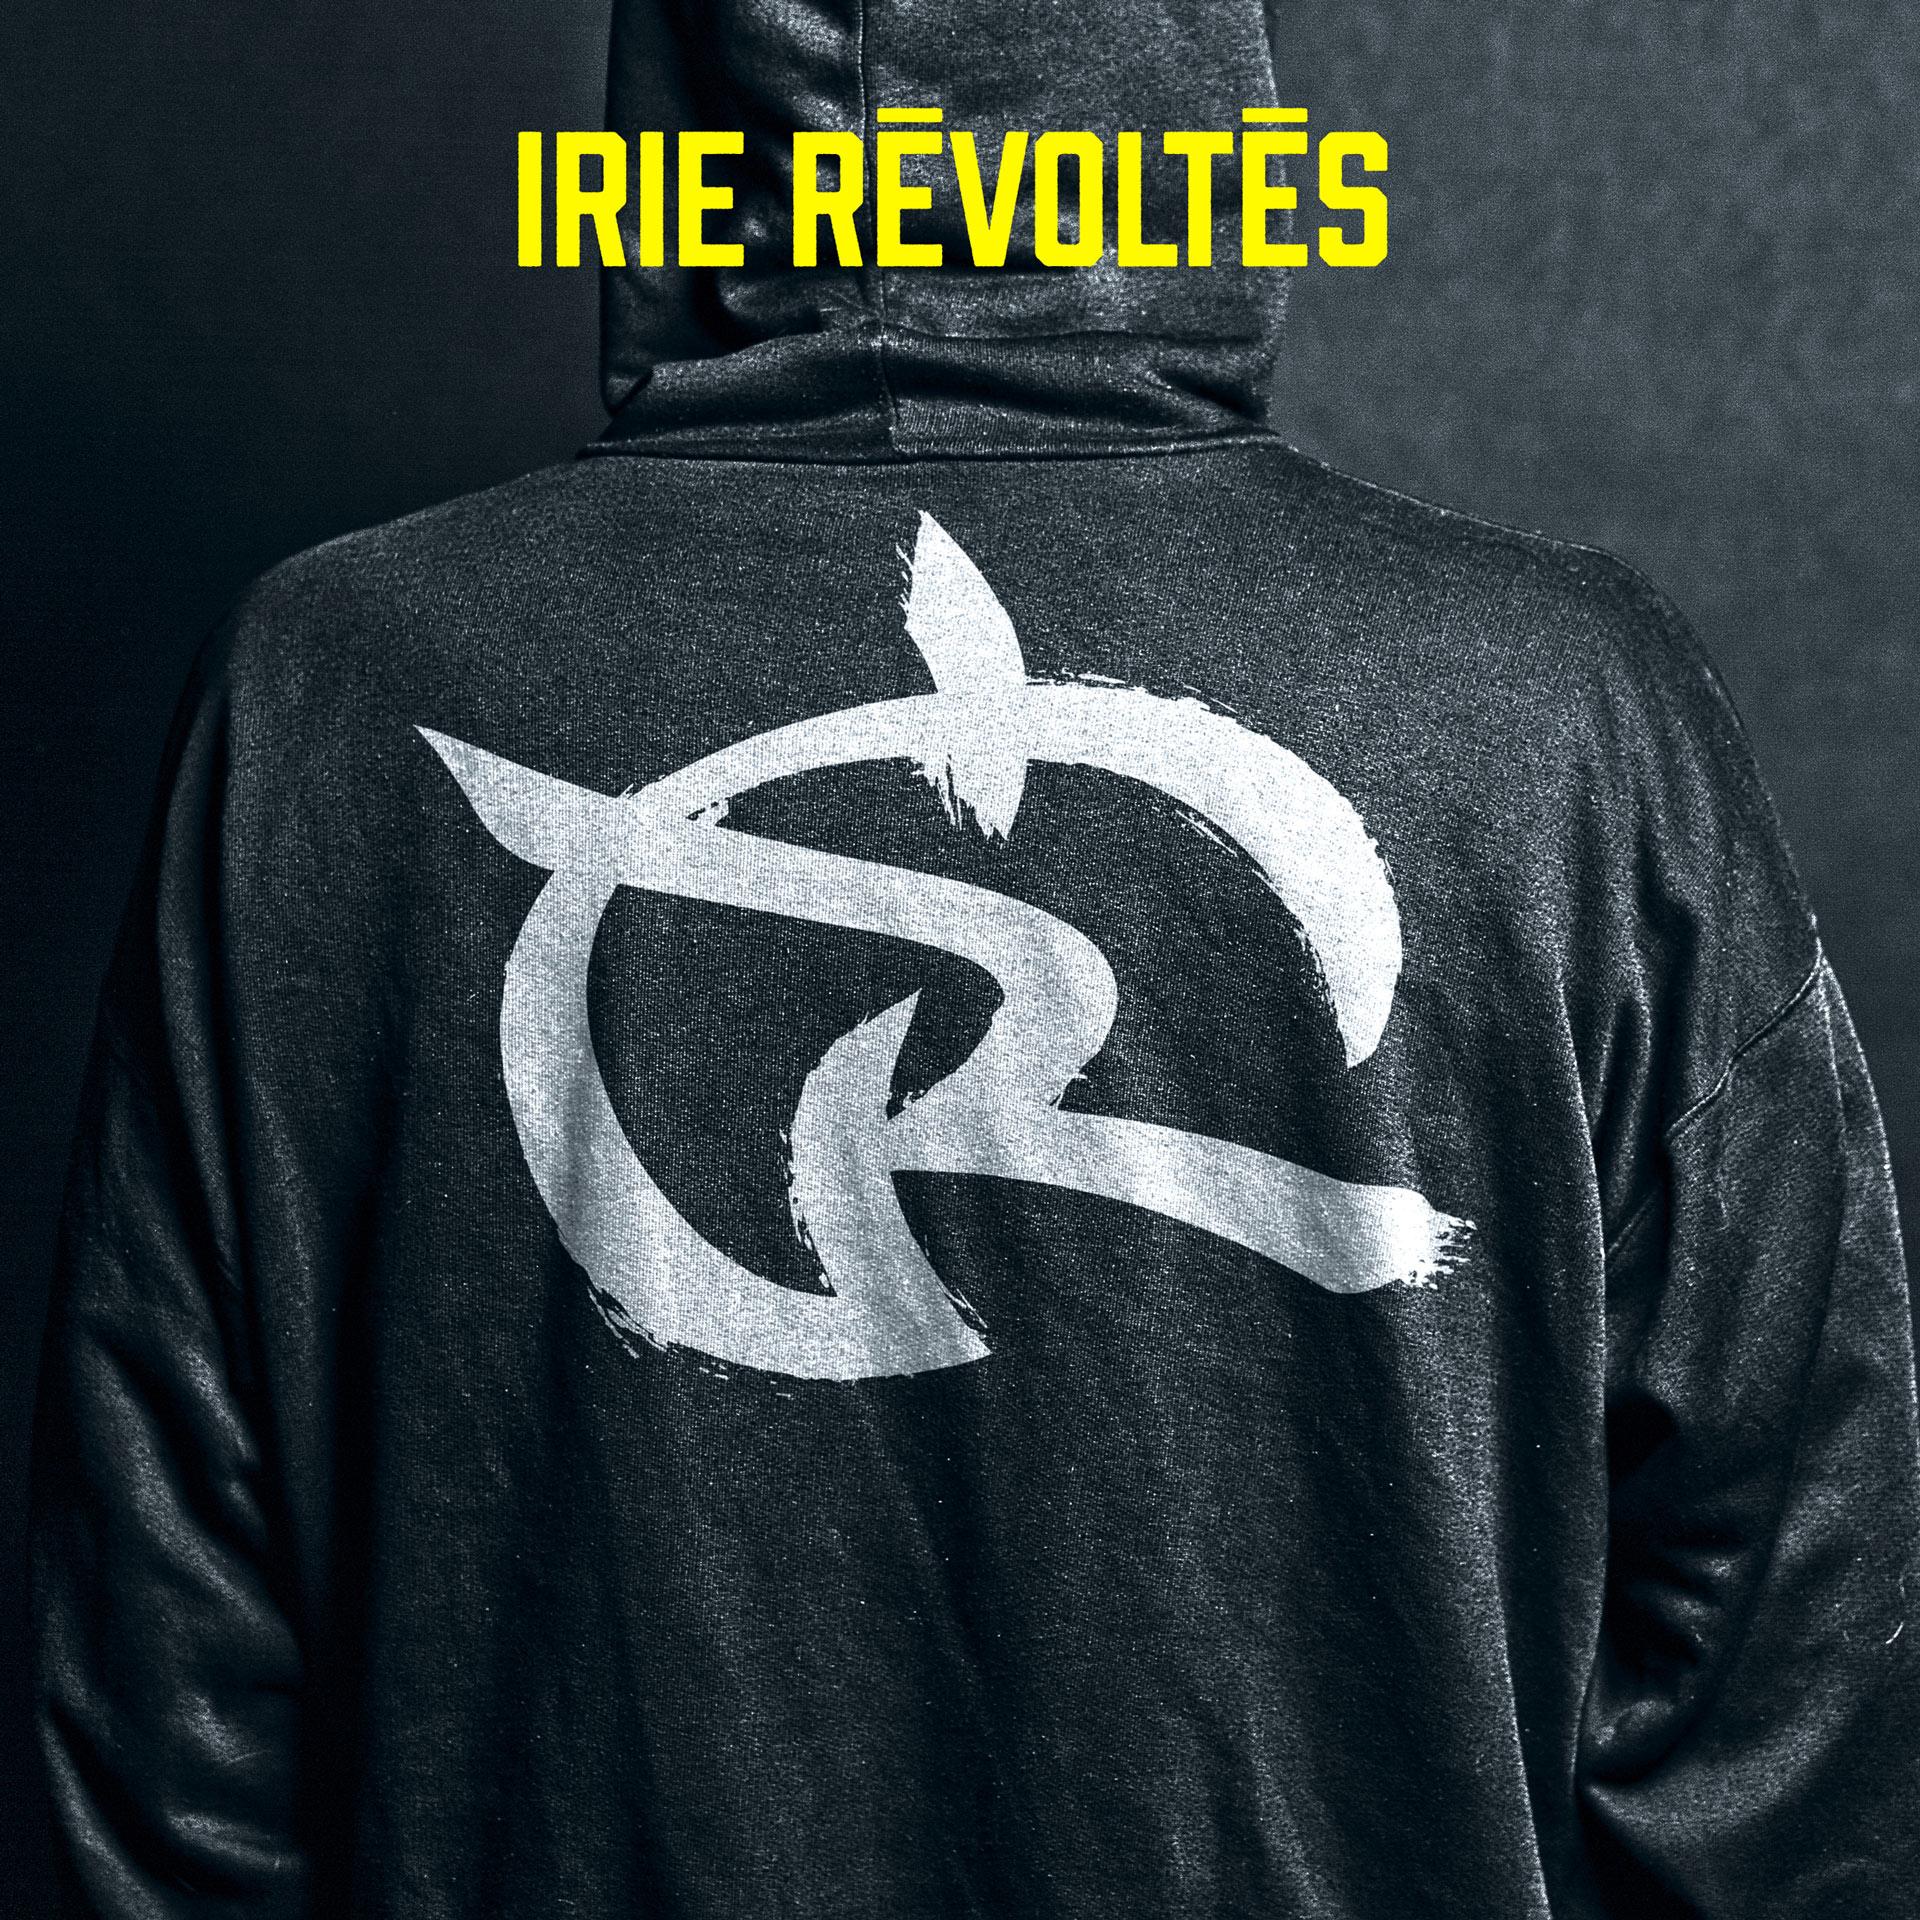 Irie Révoltés- Irie Révoltés-Review